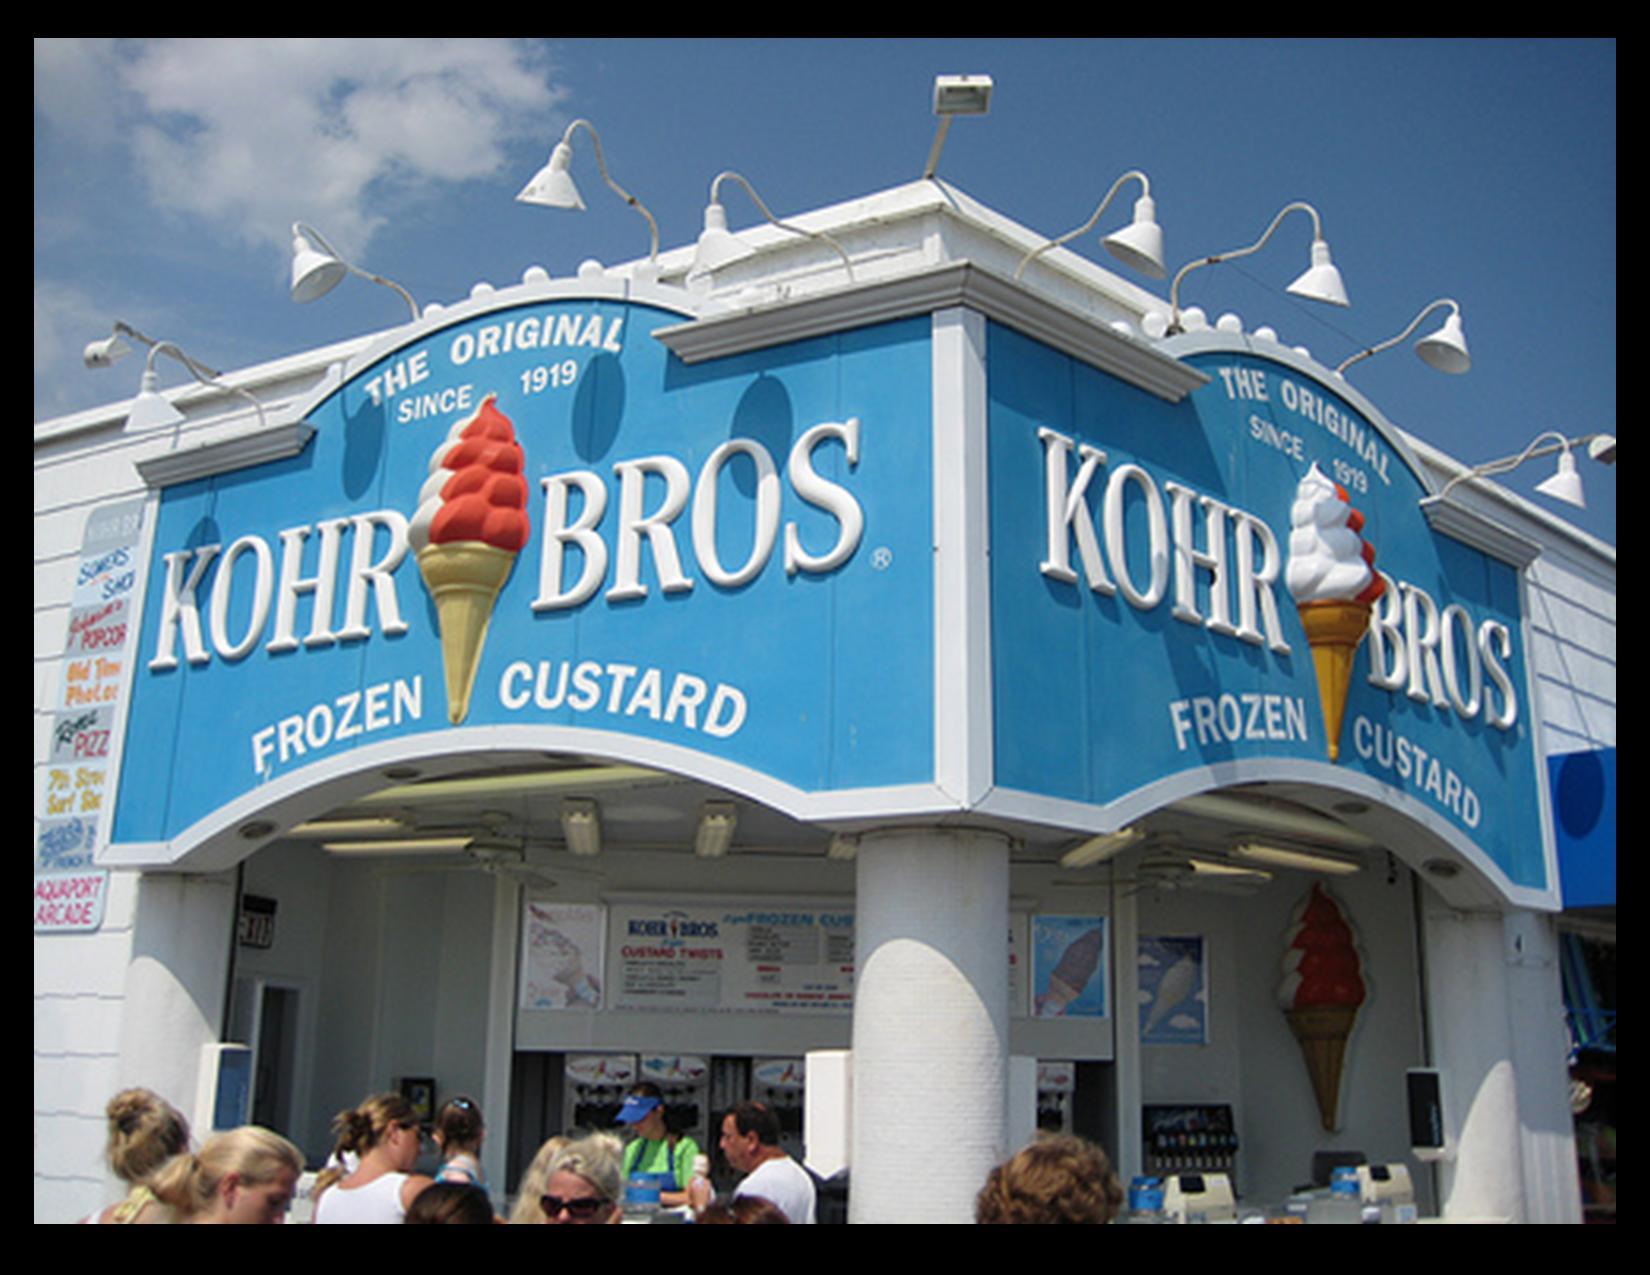 kohr bros. ice cream